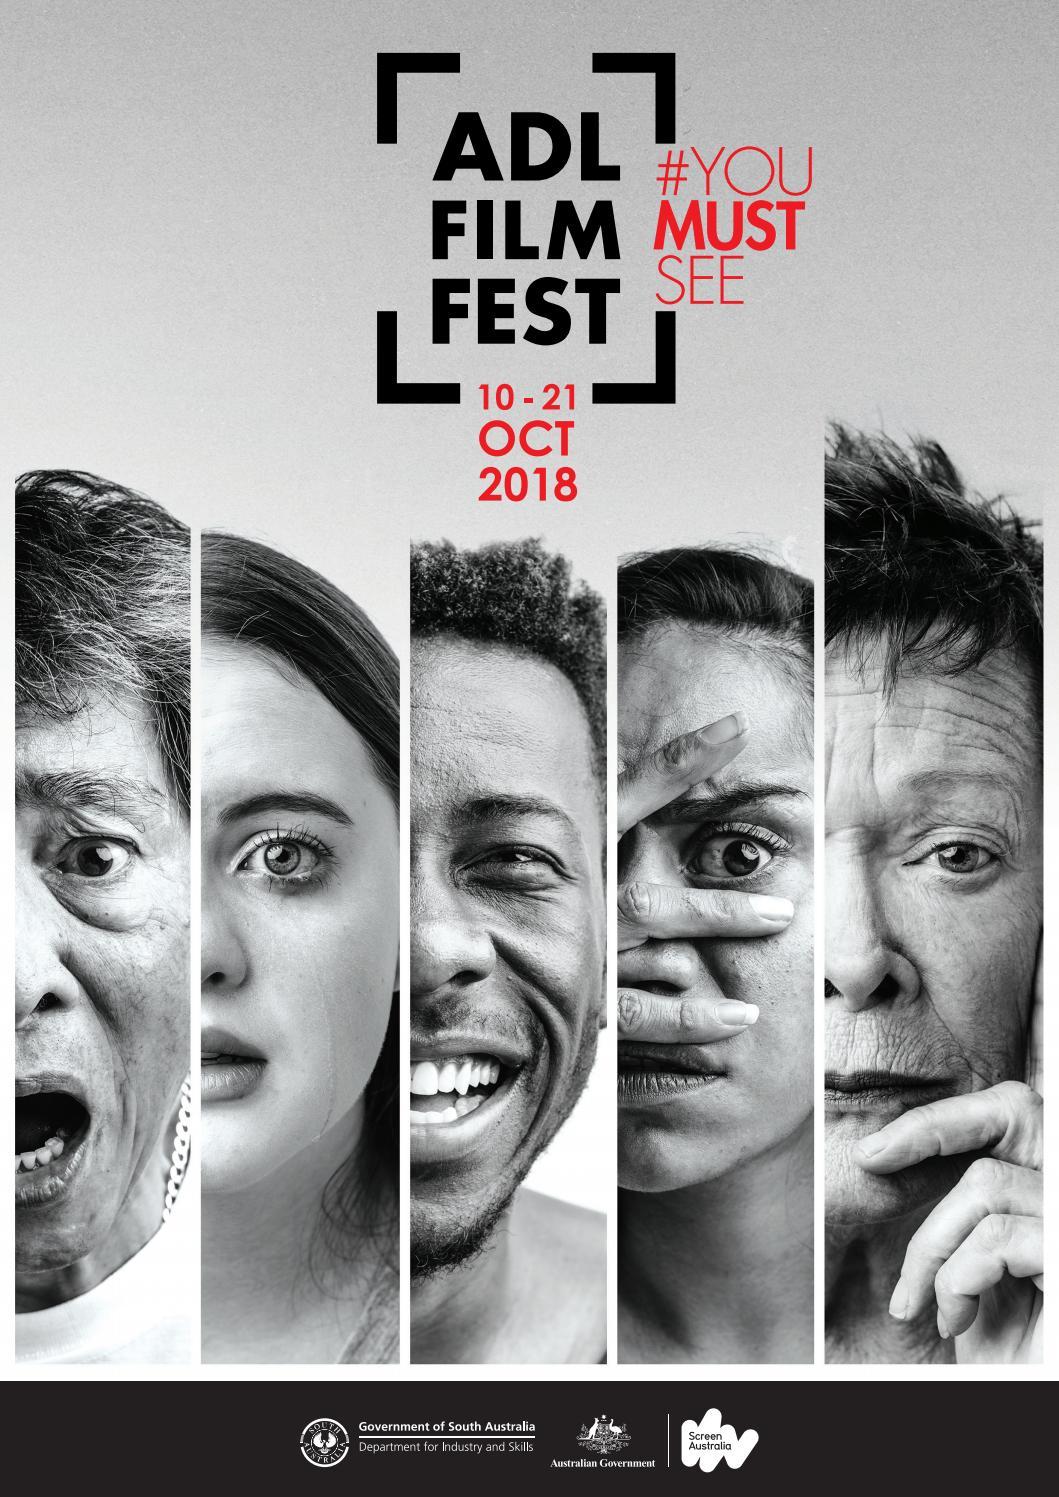 2018 Adelaide Film Festival program by ADL Film Fest - issuu